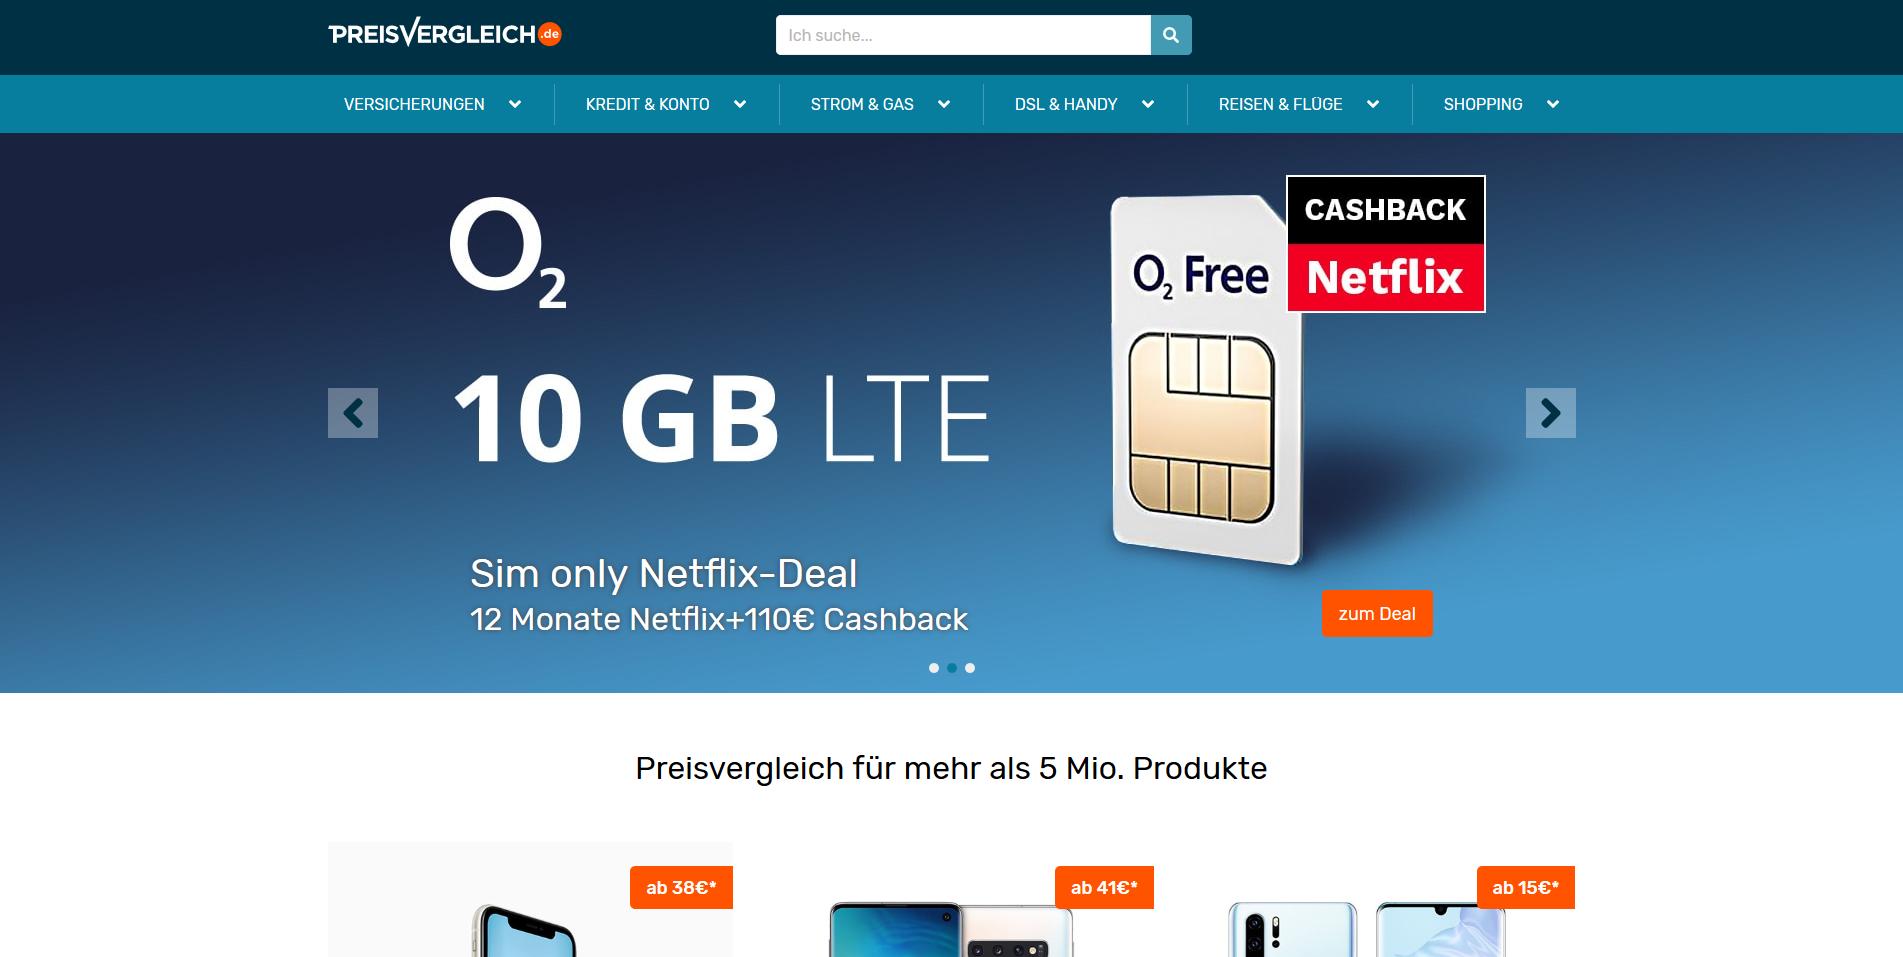 Preisvergleich.de Screenshot